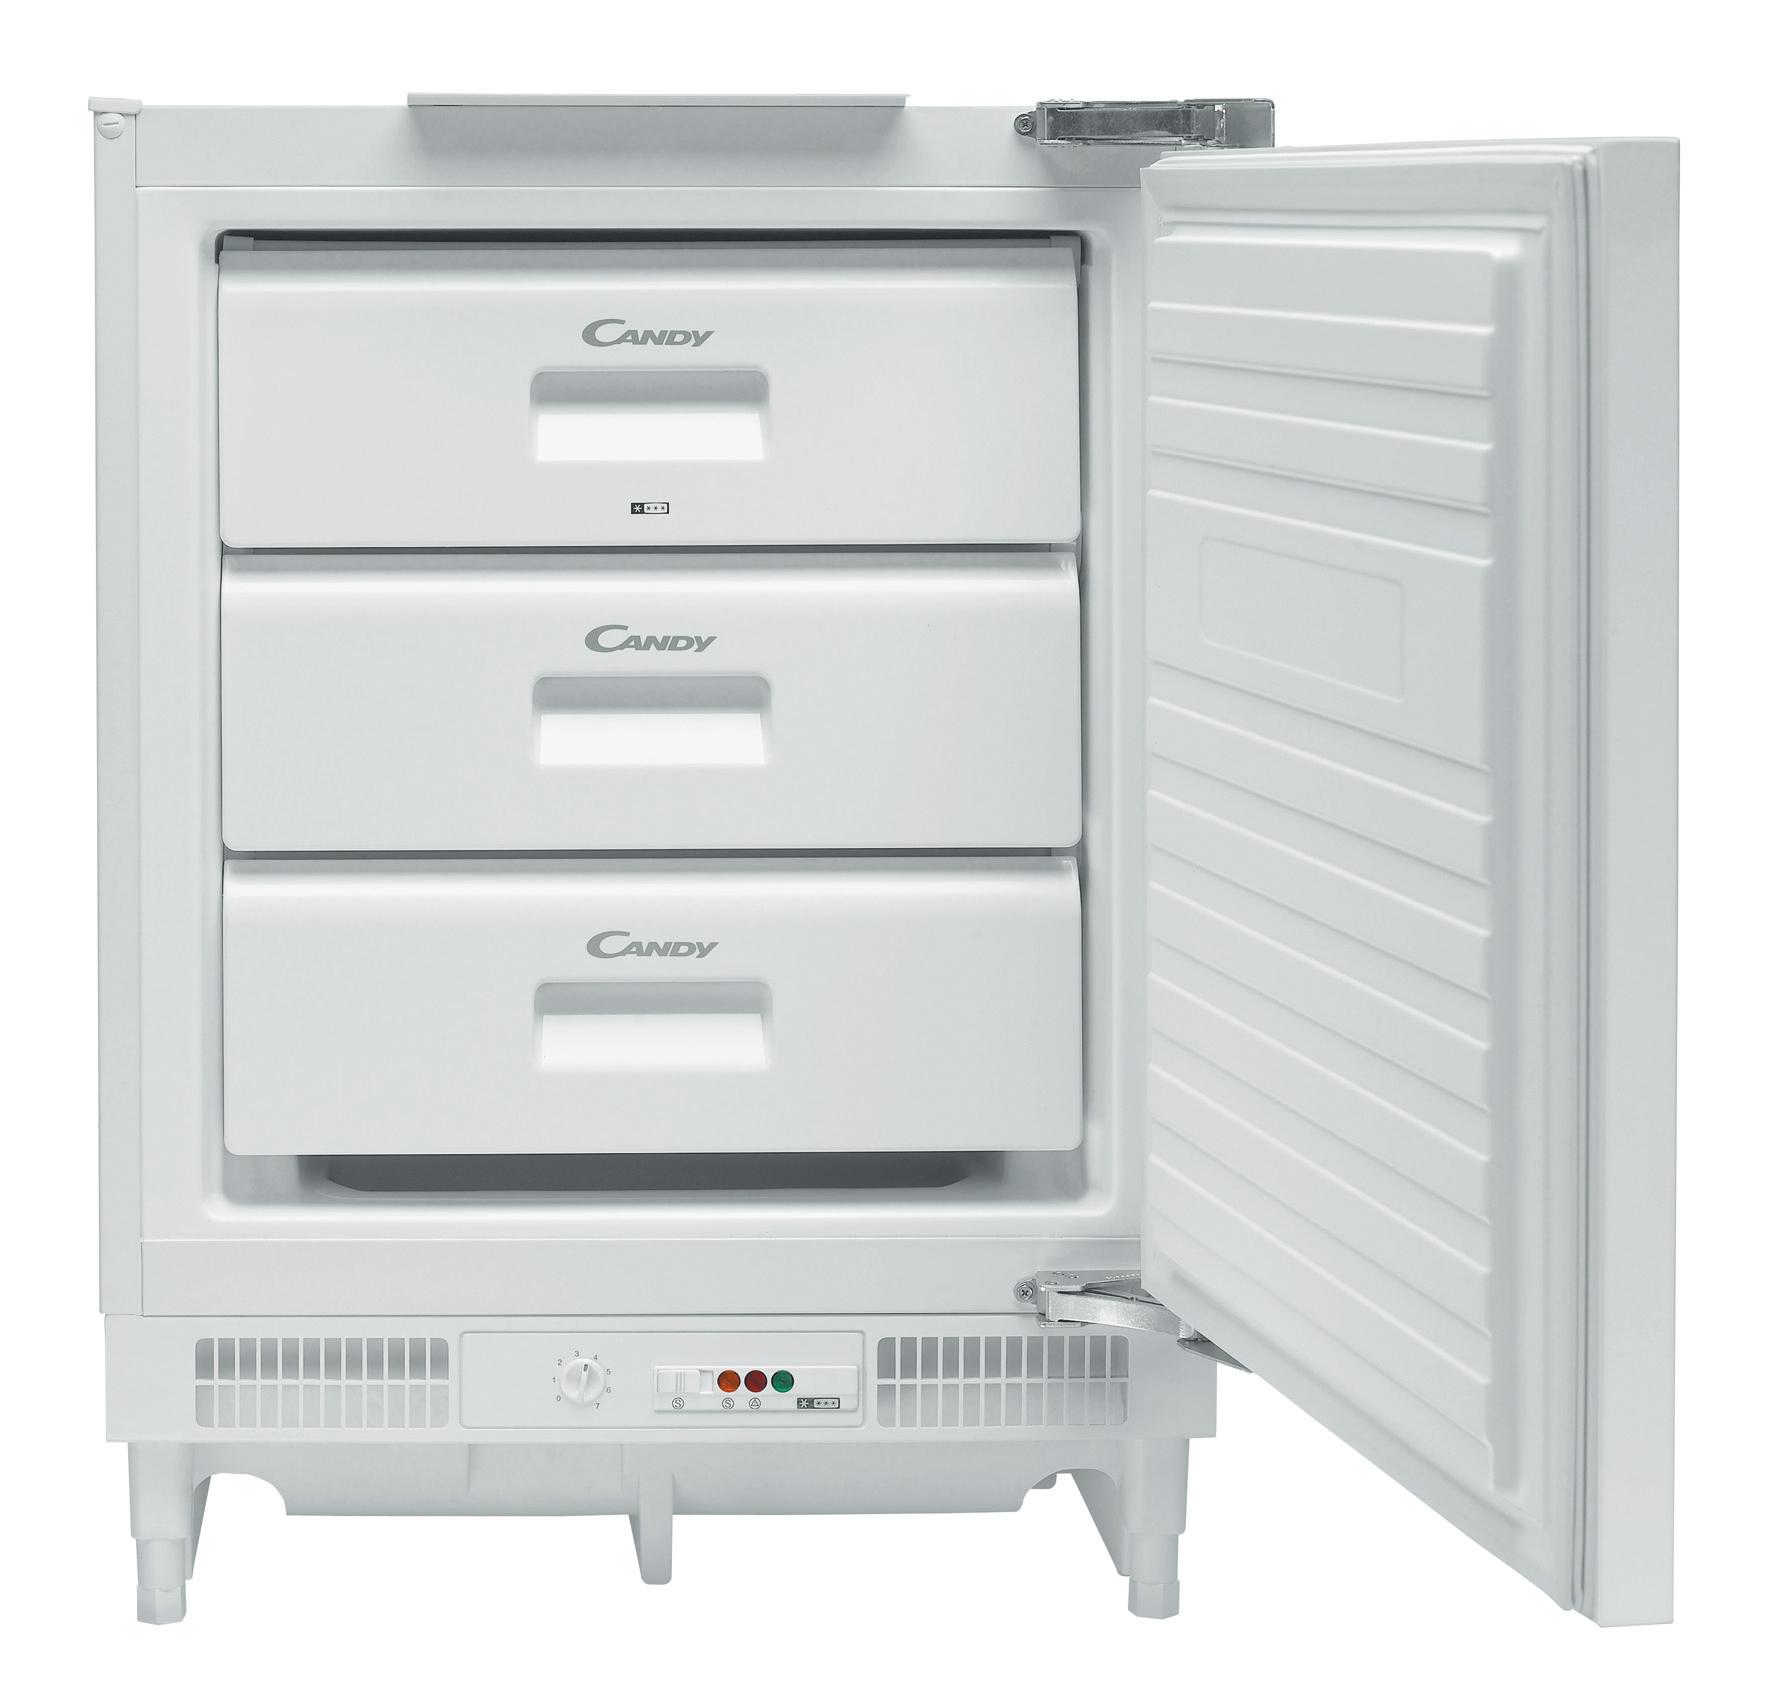 Prix d un congelateur tiroir 28 images congelateur a for Congelateur armoire froid ventile pas cher